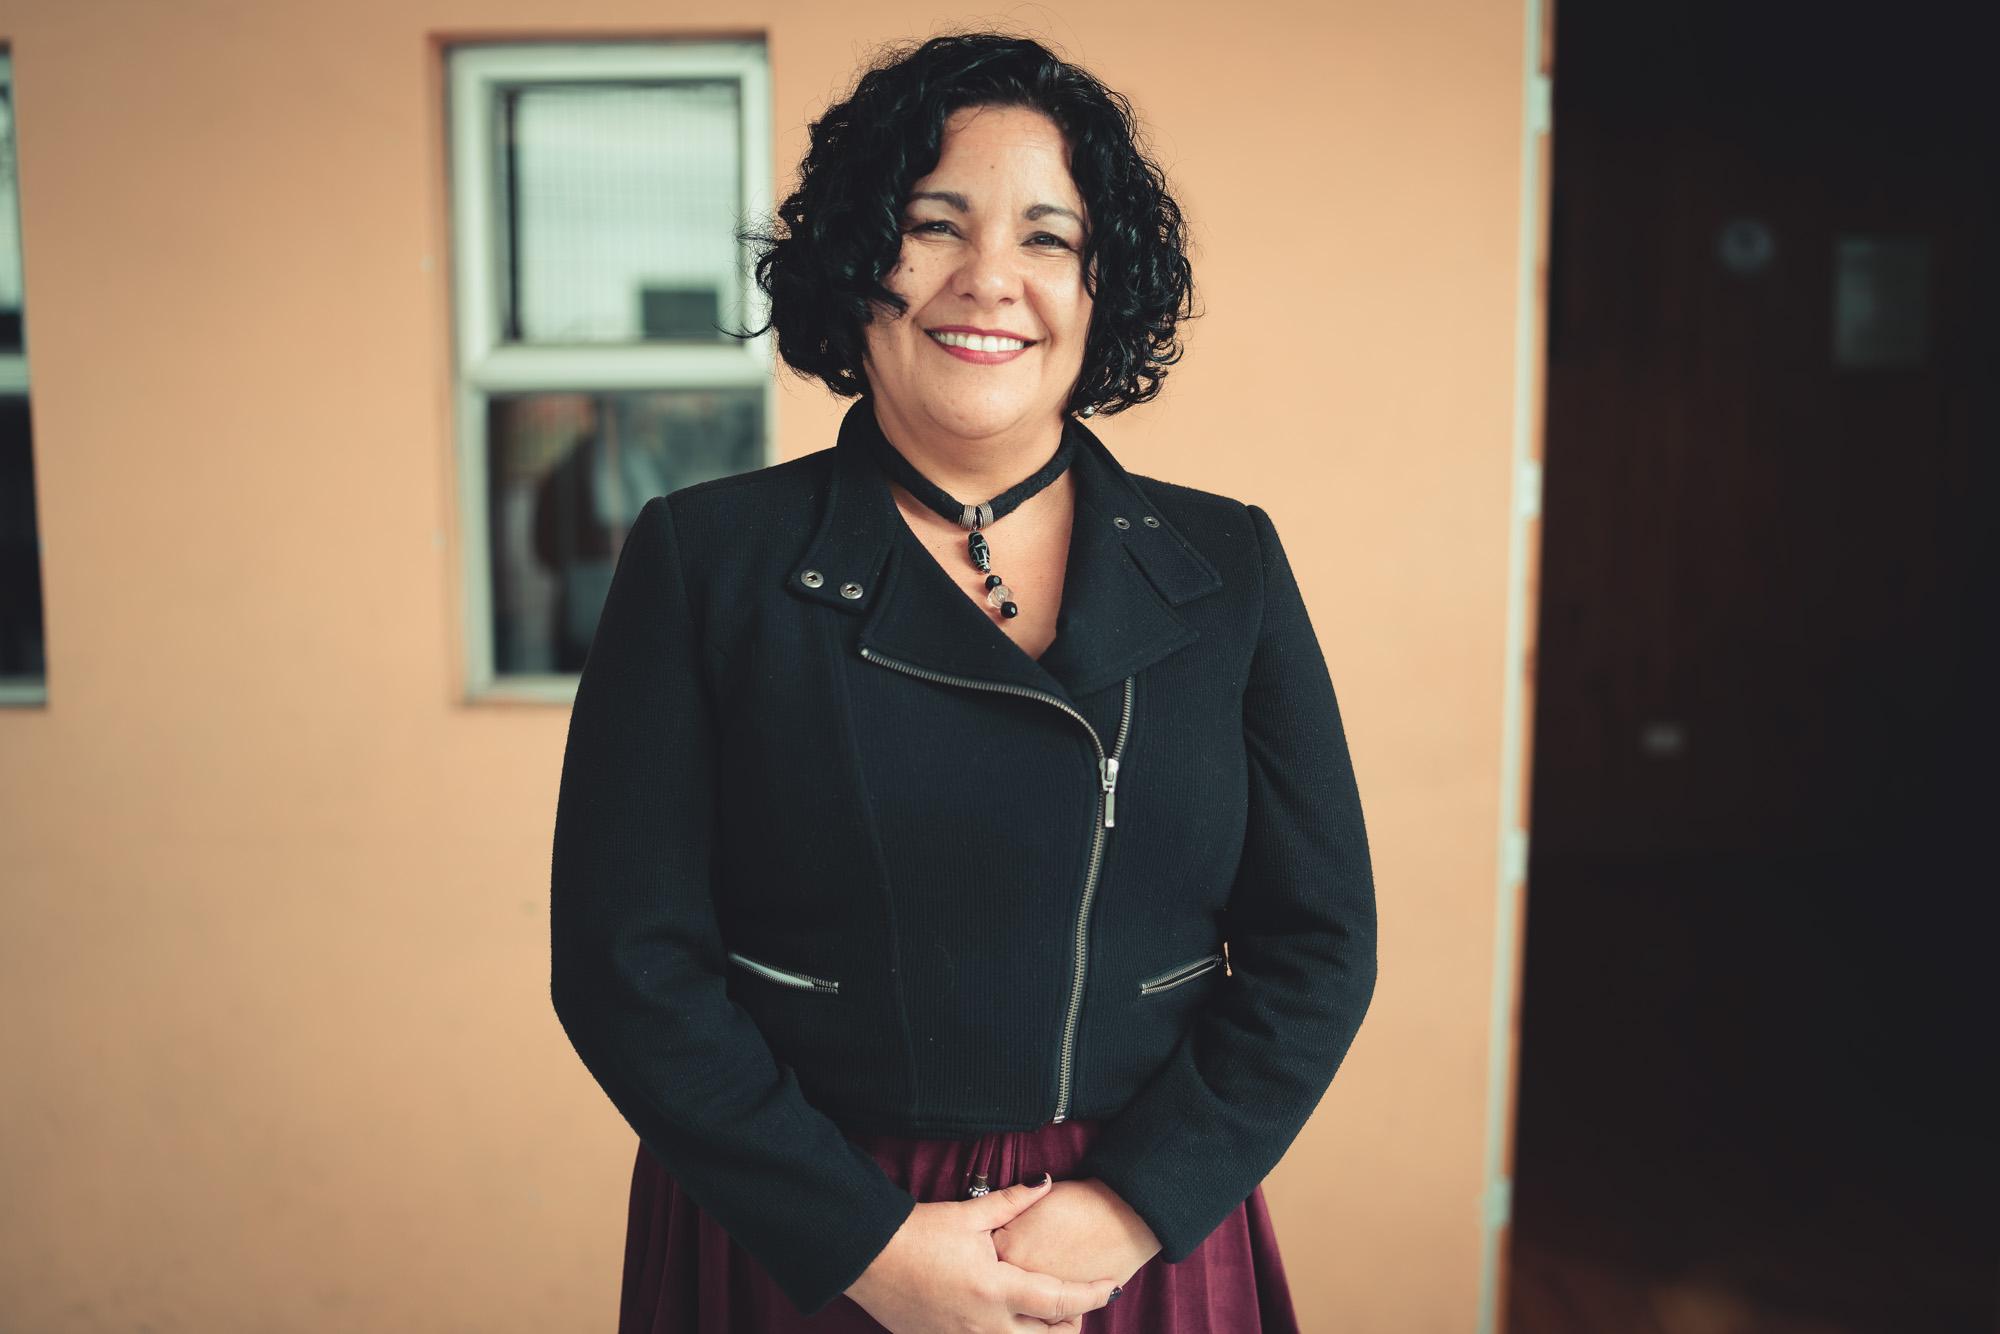 Sra. Claudia Rosa Rosas - Jefa de la Unidad Técnico Pedagógica